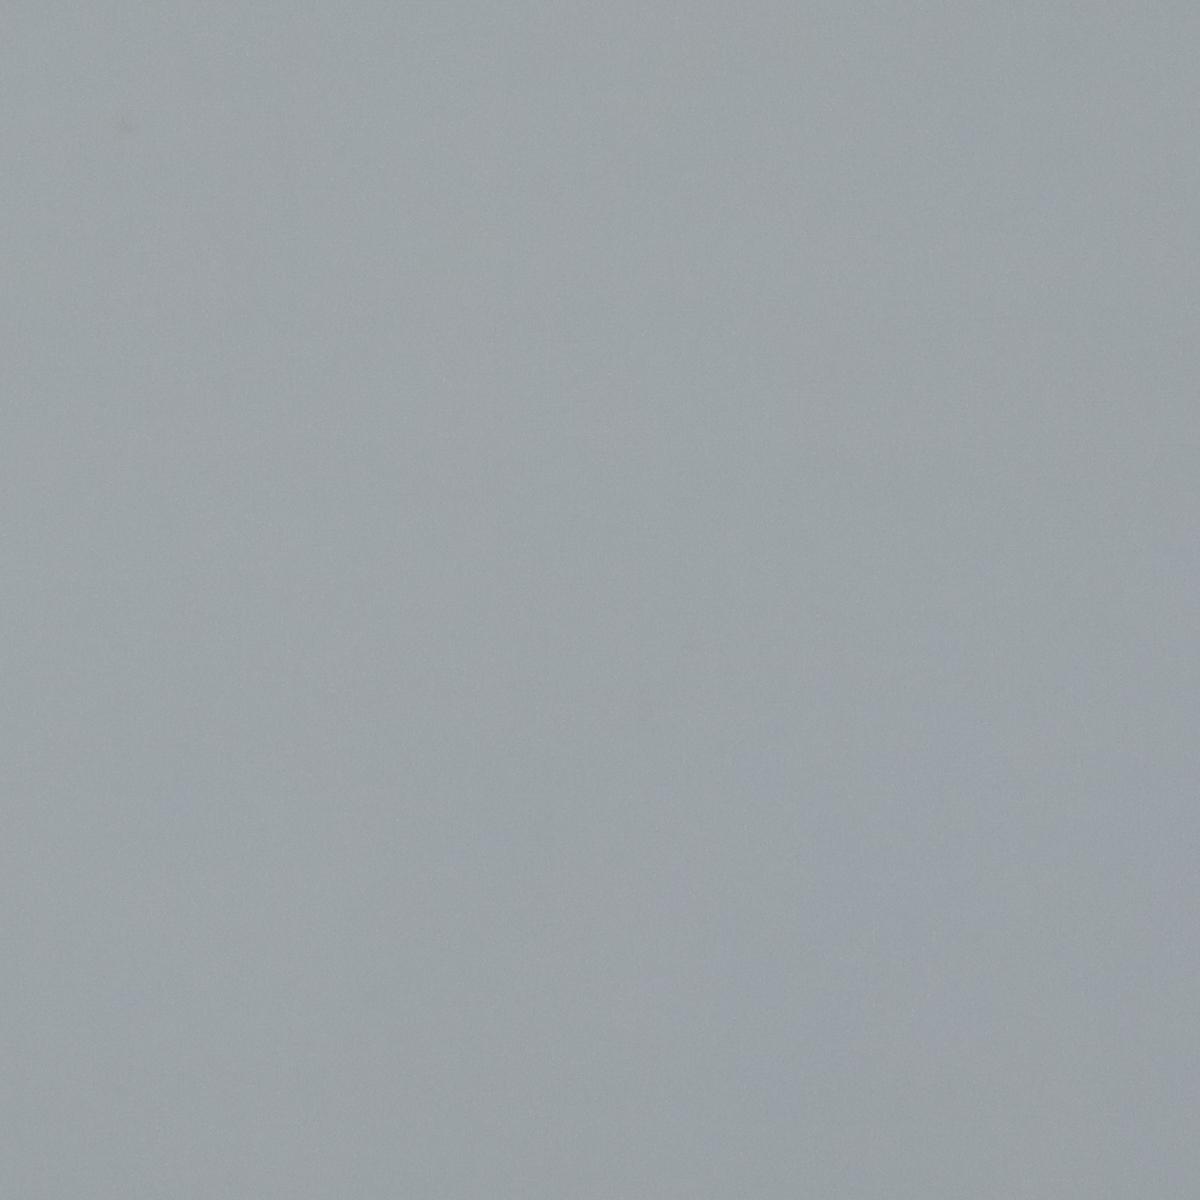 Шёлковый крепдешин светло-серого цвета